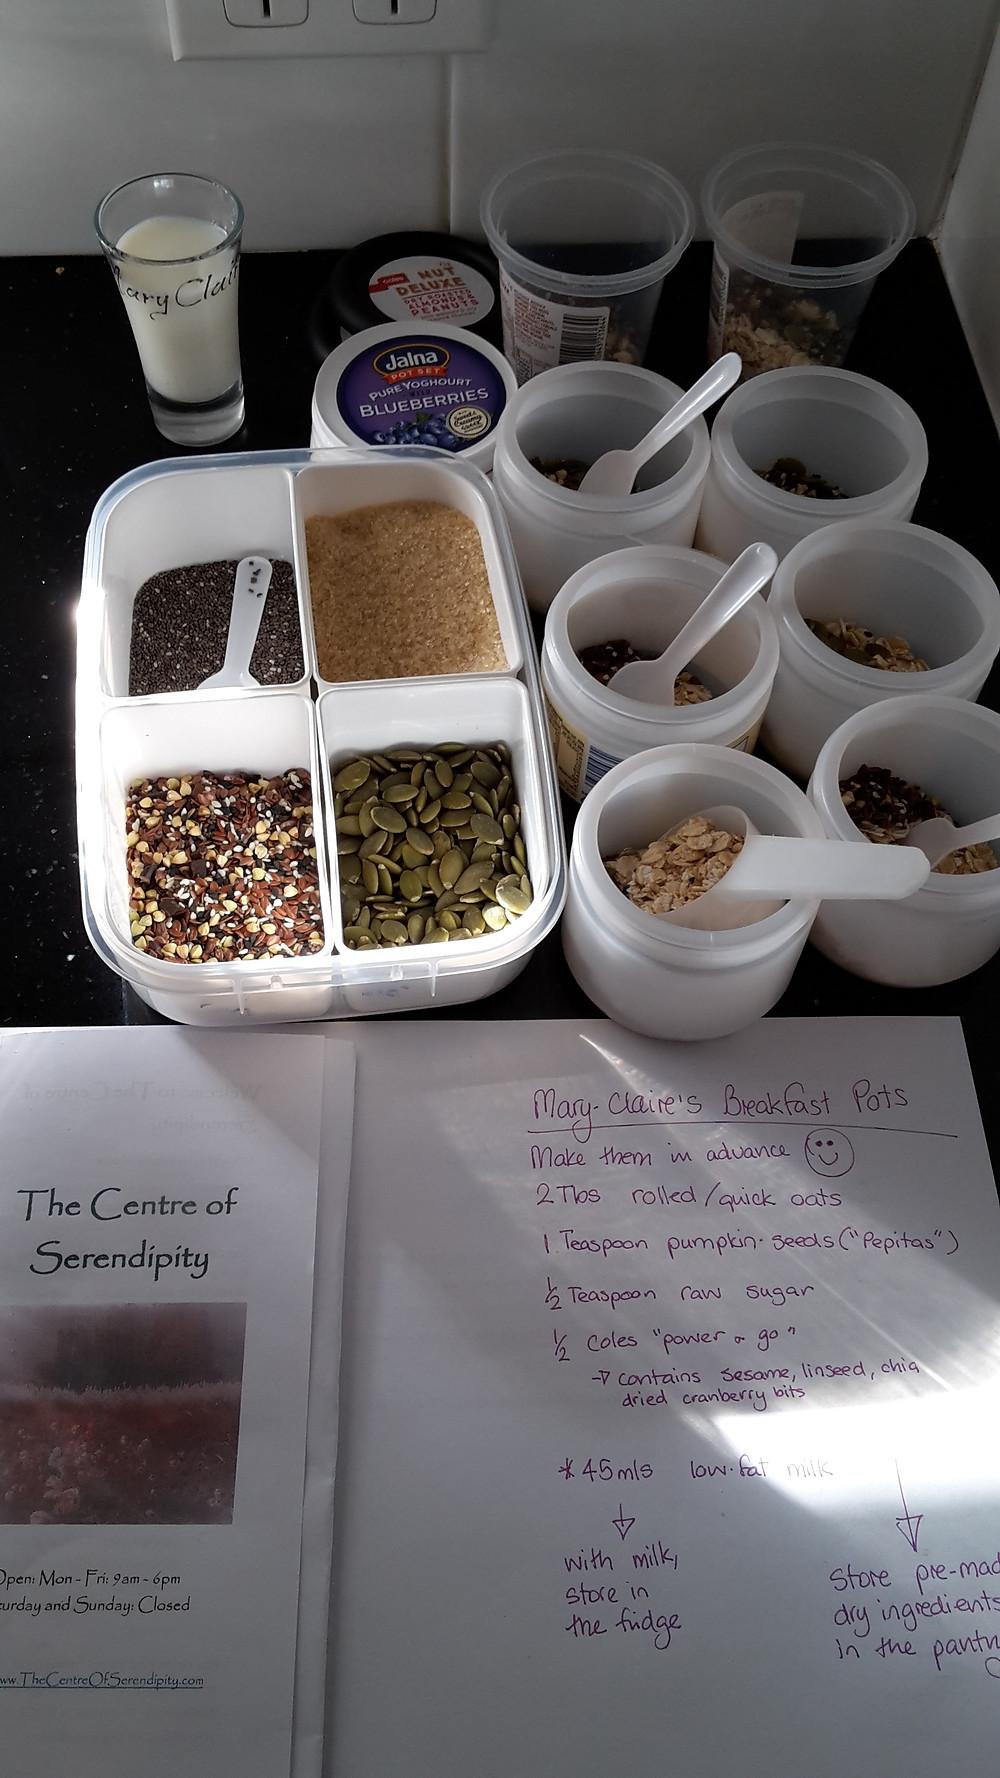 Breakfast posts ingredients - 2tbs oats, 1/2 teaspoon each of - raw sugar, Linseeds, Sunflower or Pumpkin seeds, and 45mls Milk